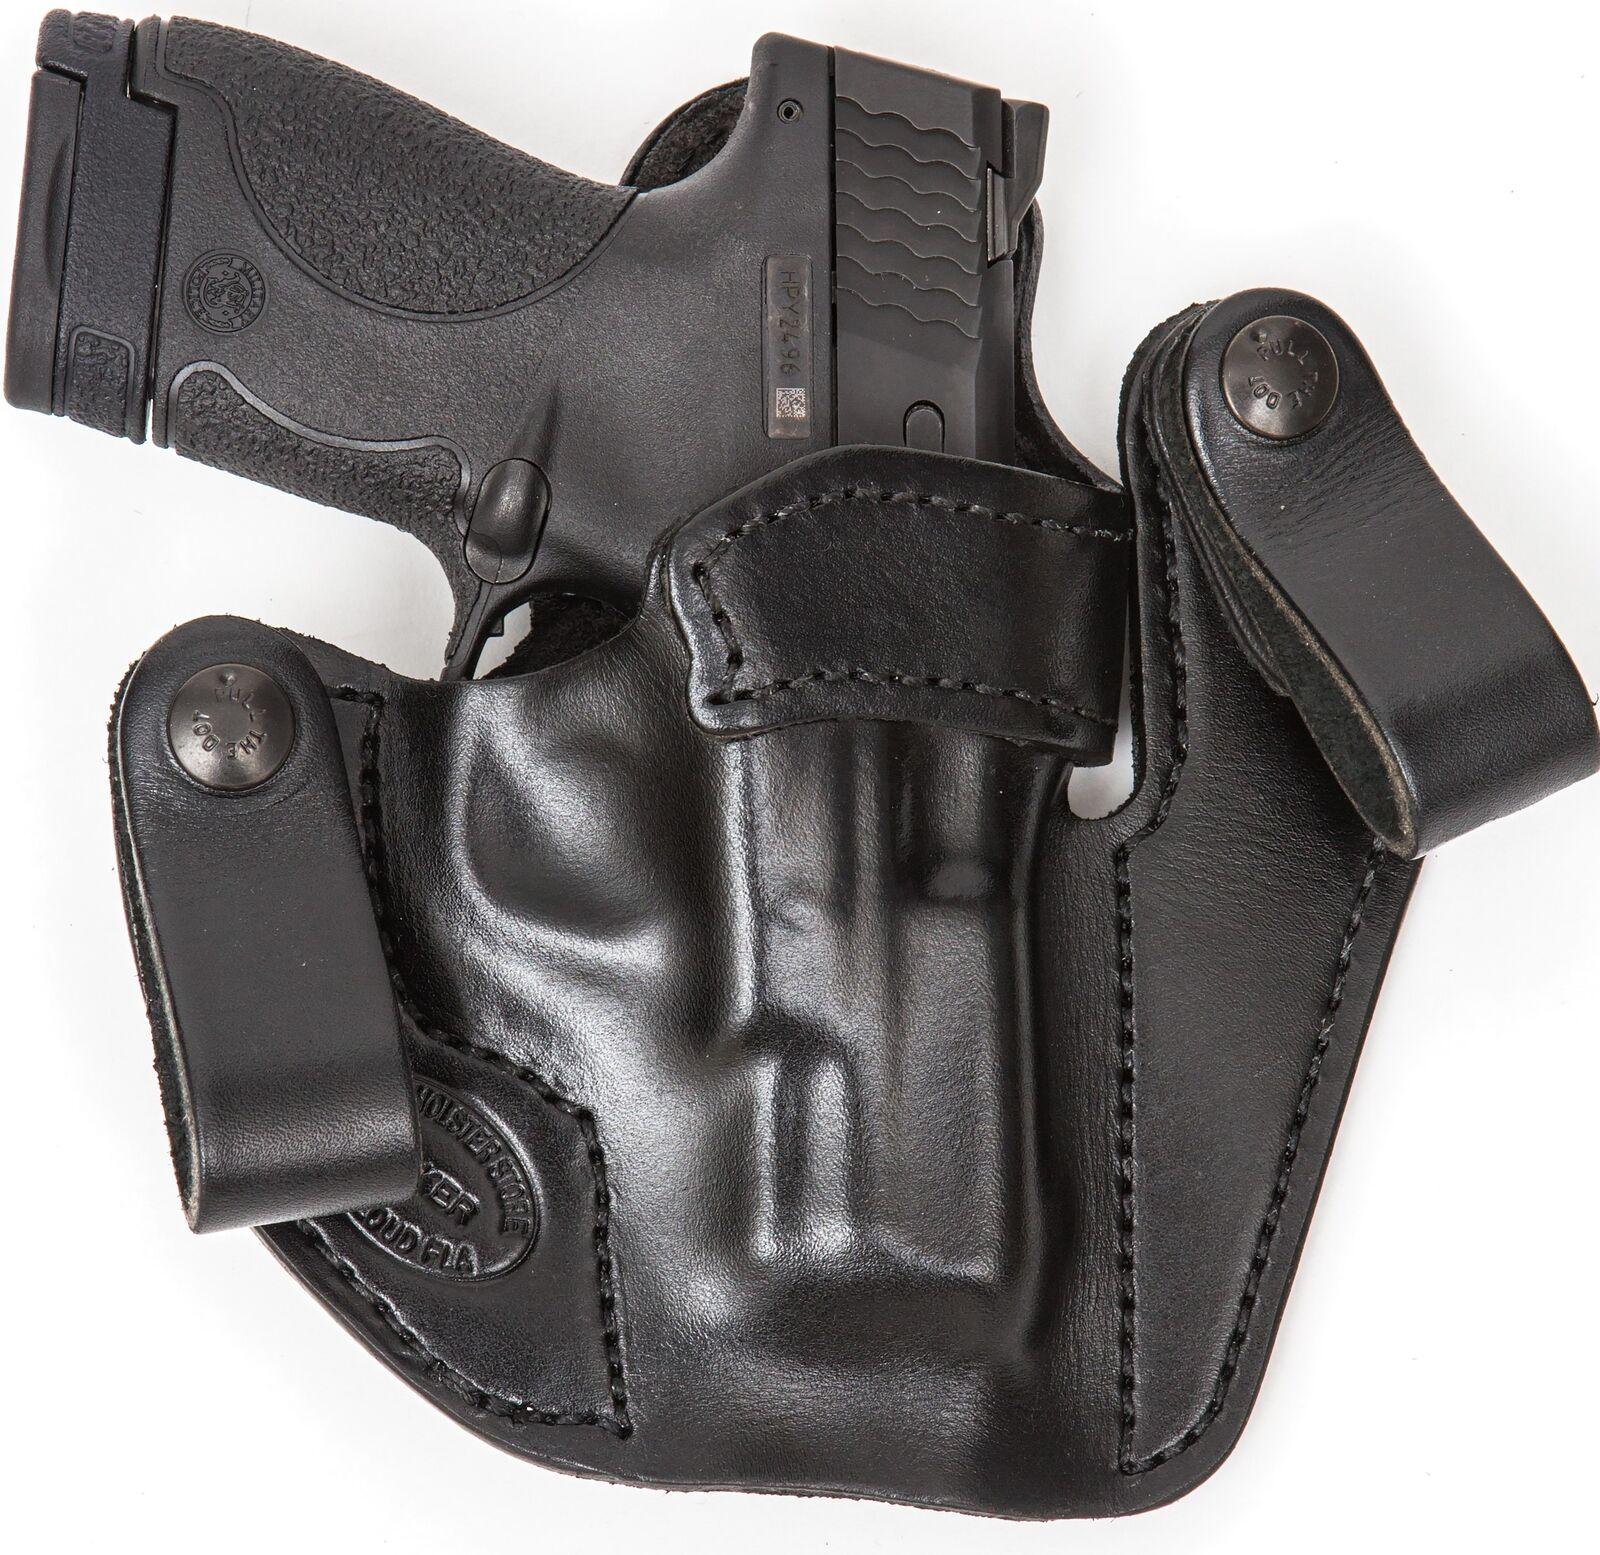 XTREME llevar RH LH dentro de la cintura de cuero Funda Pistola para marrónING 1911 380 Compacto